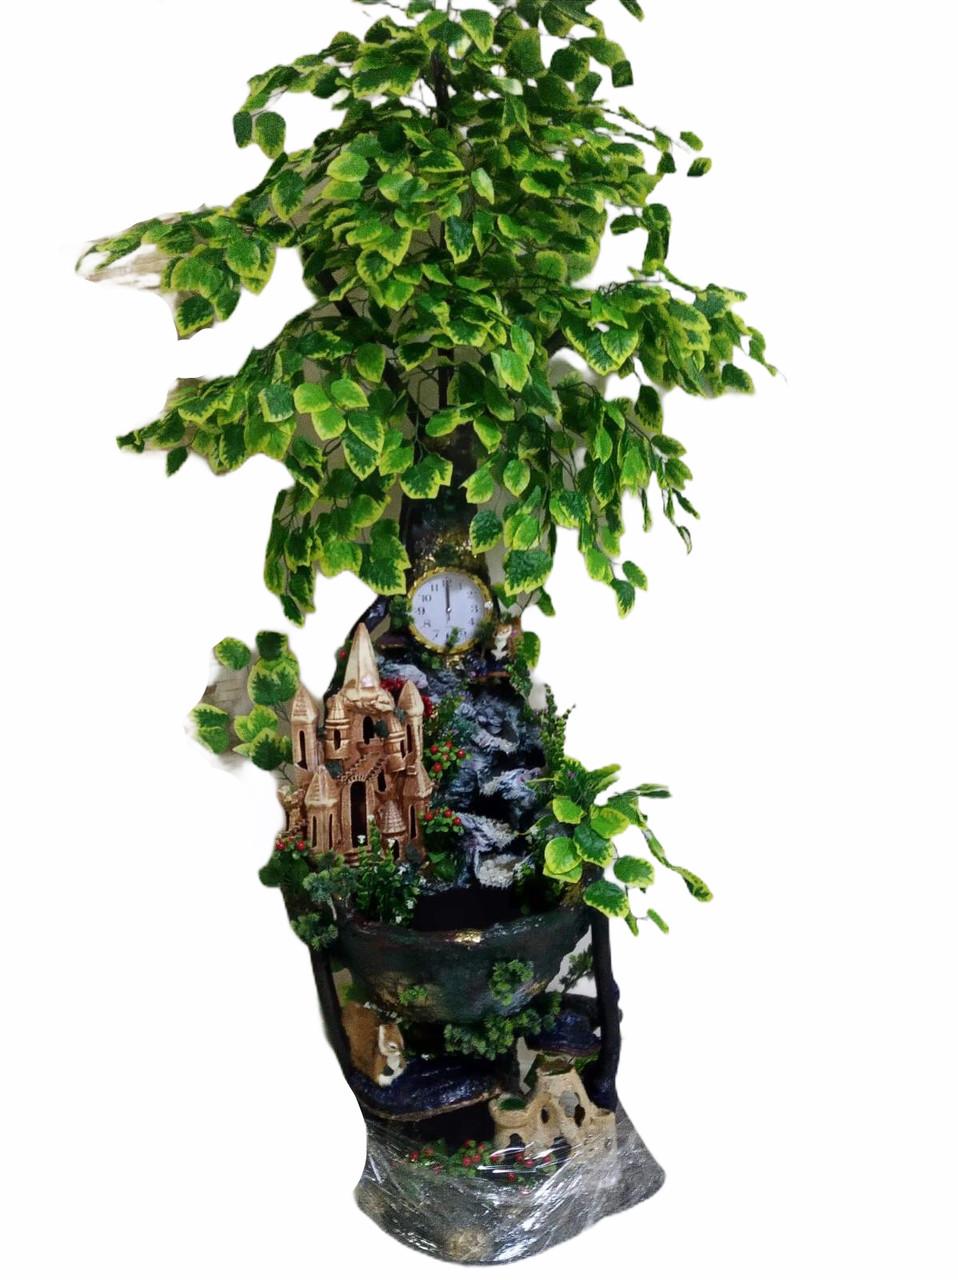 Кімнатний фонтан ручної роботи, для кімнатного затишку з замком, годинником та лісовими тваринами